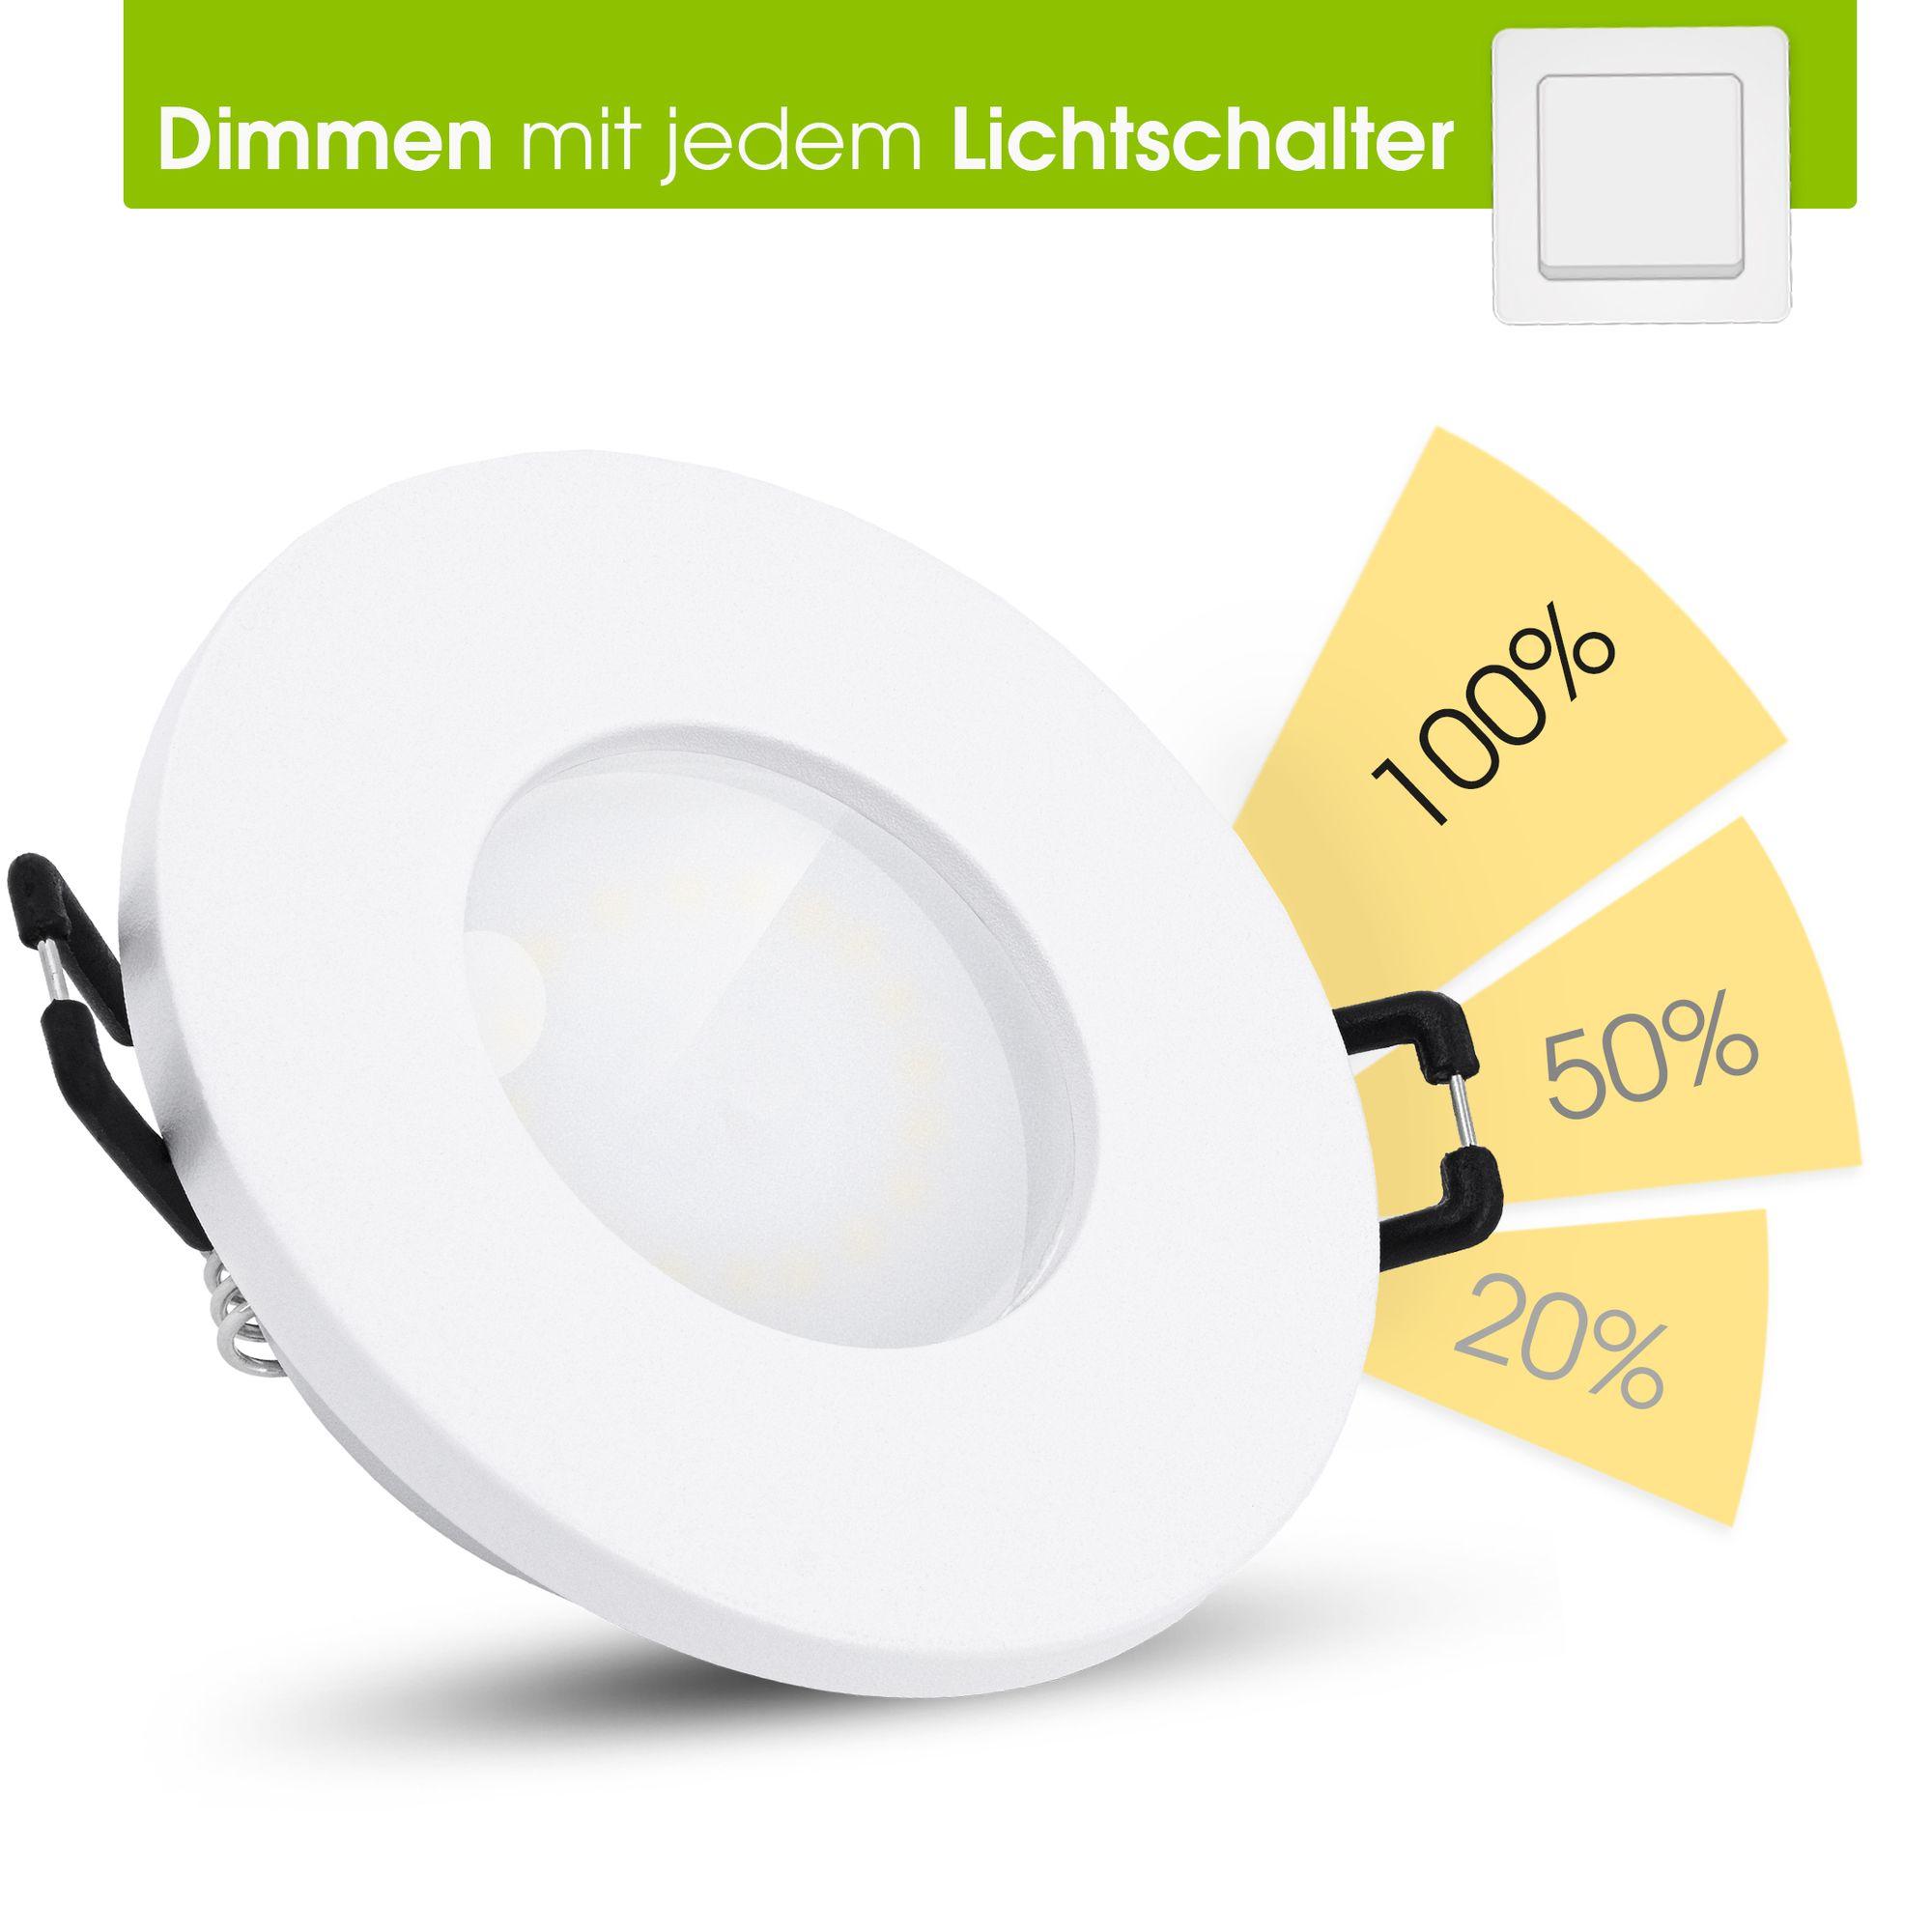 fourSTEP LED Einbaustrahler Bad IP20